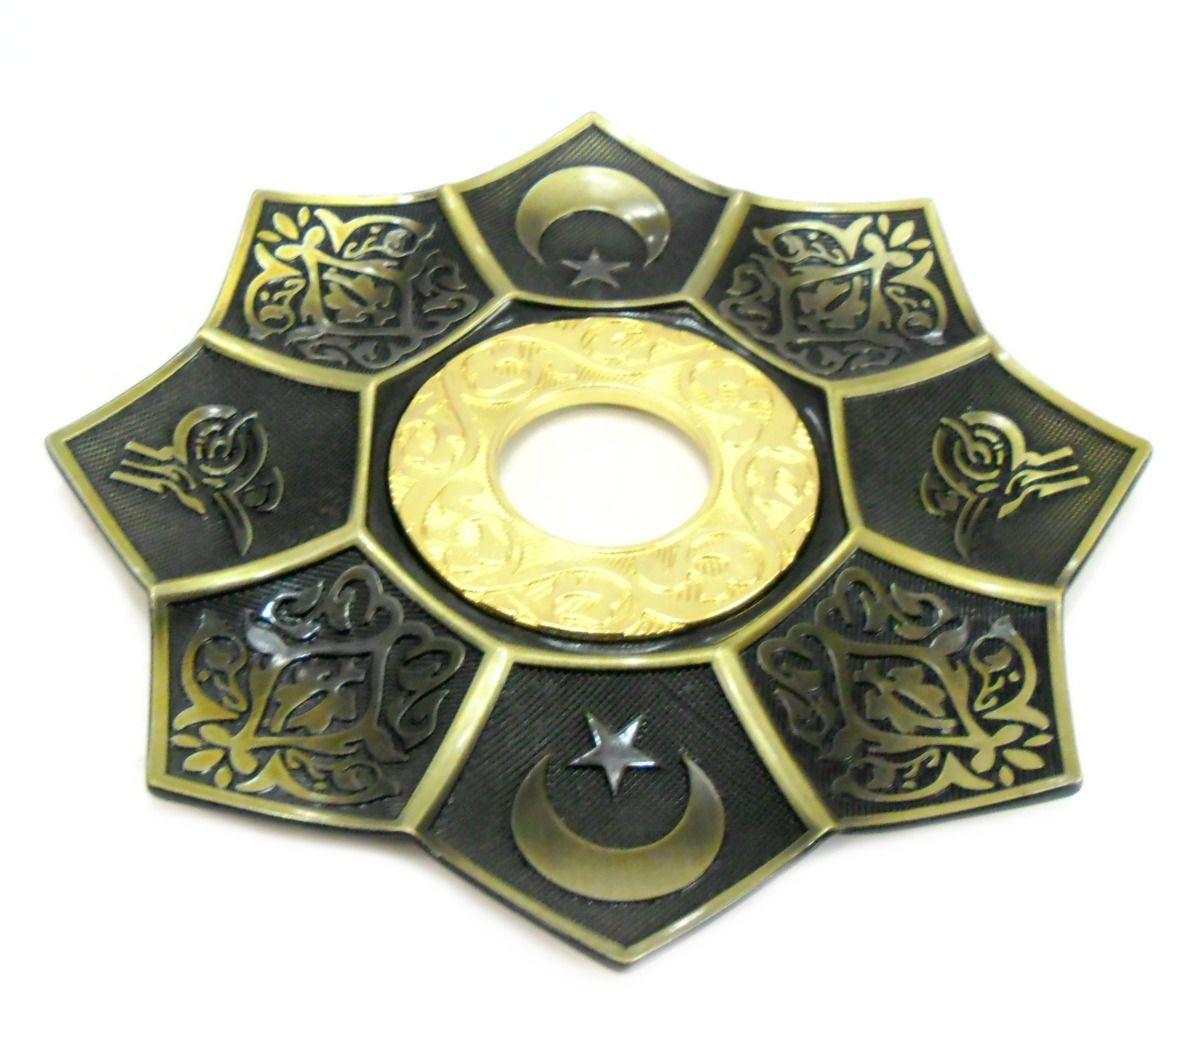 Prato para narguile mod.EBS 21 cm., decorado lótus egípcio, inox. Cor Ouro velho, centro dourado